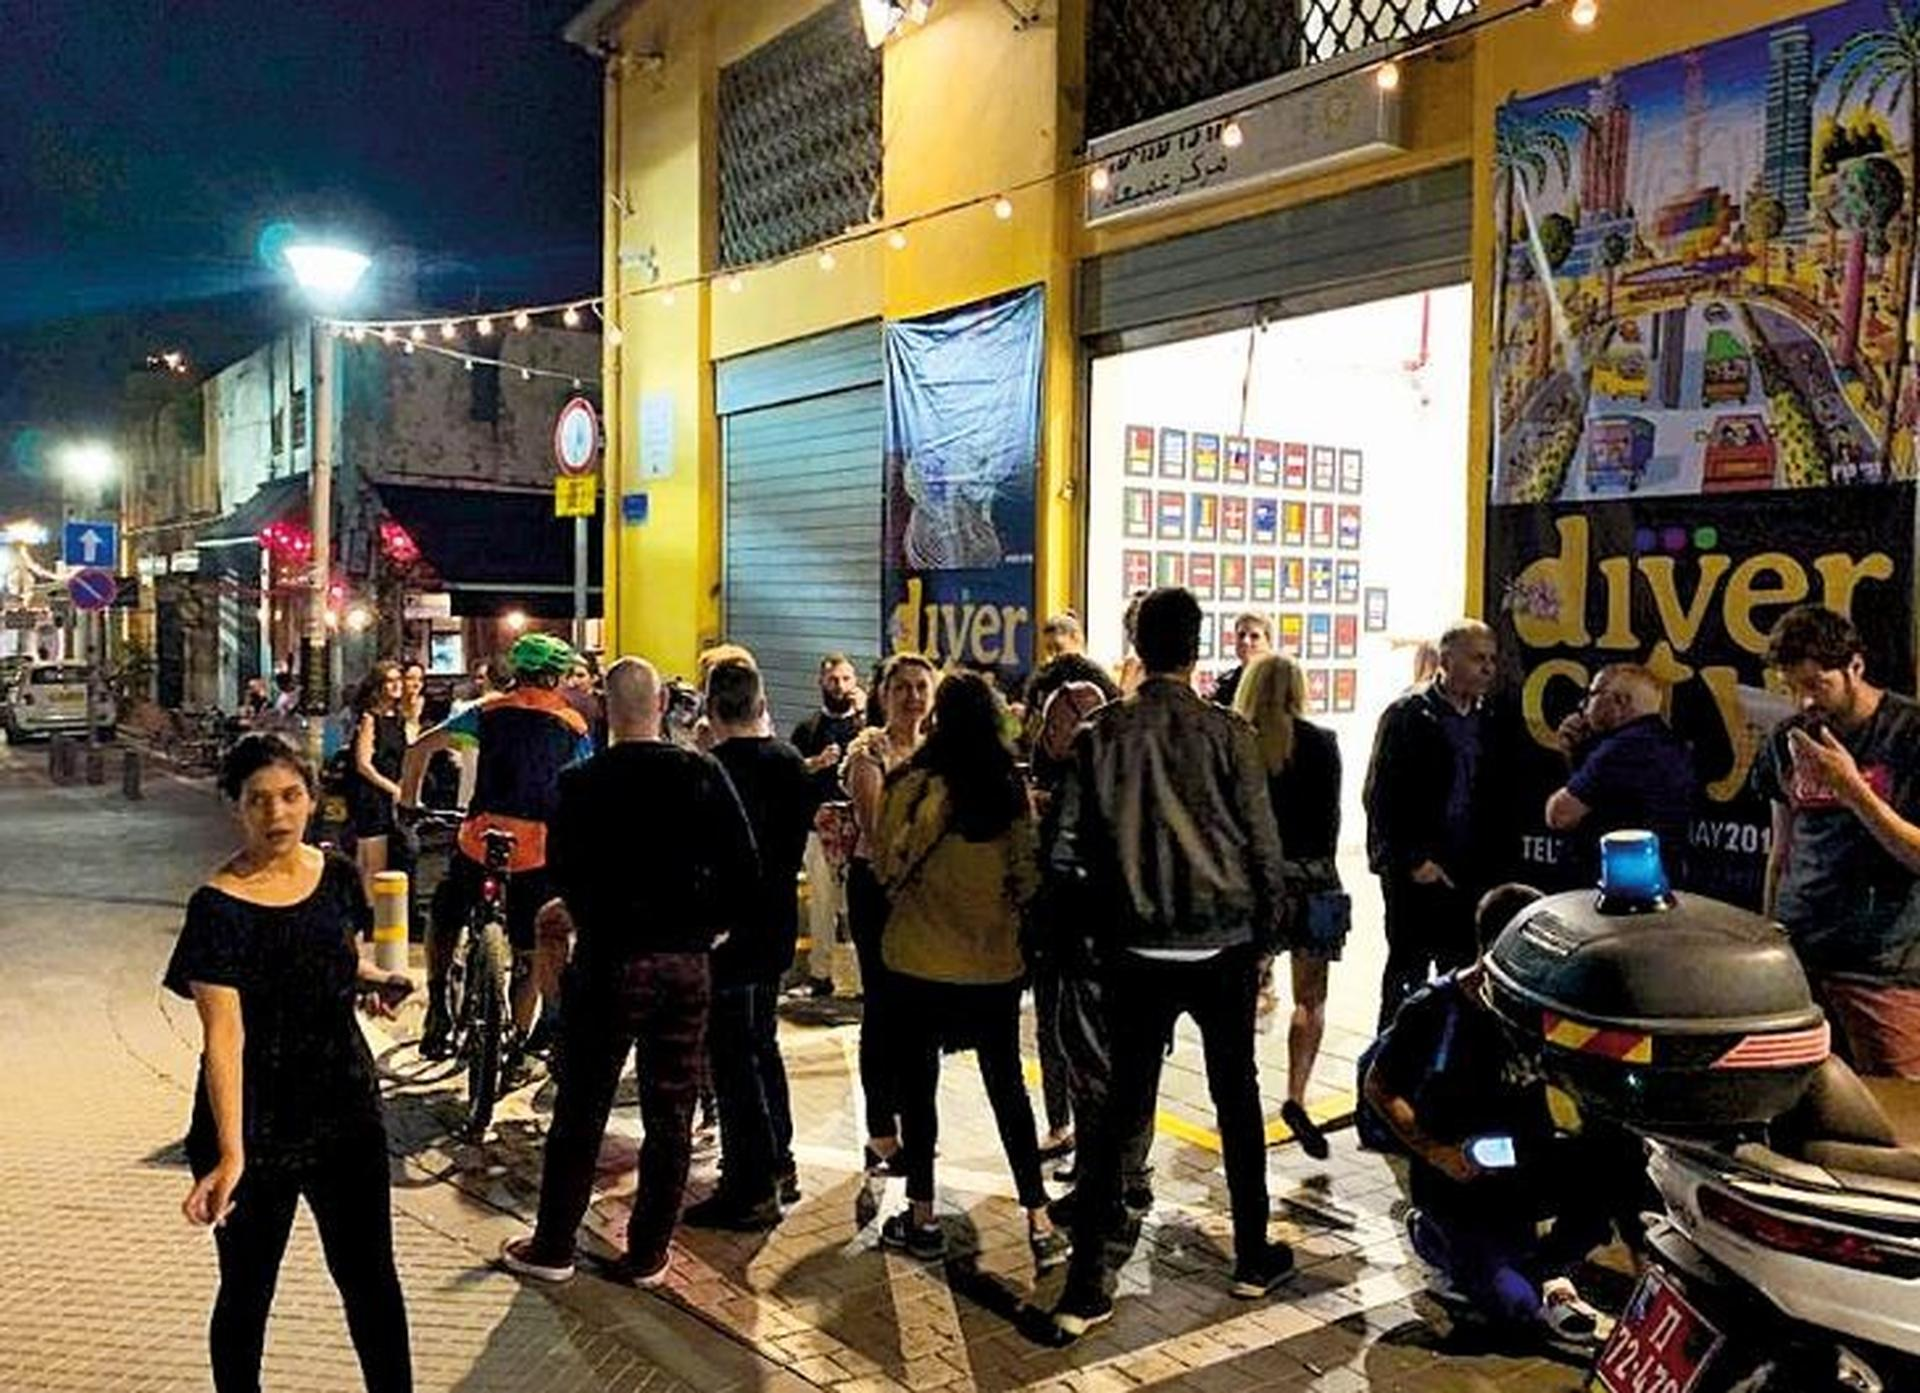 שוק הפשפשים. חשיפה לאמנים, אטרקציה לתיירים | צילום: עיריית תל אביב